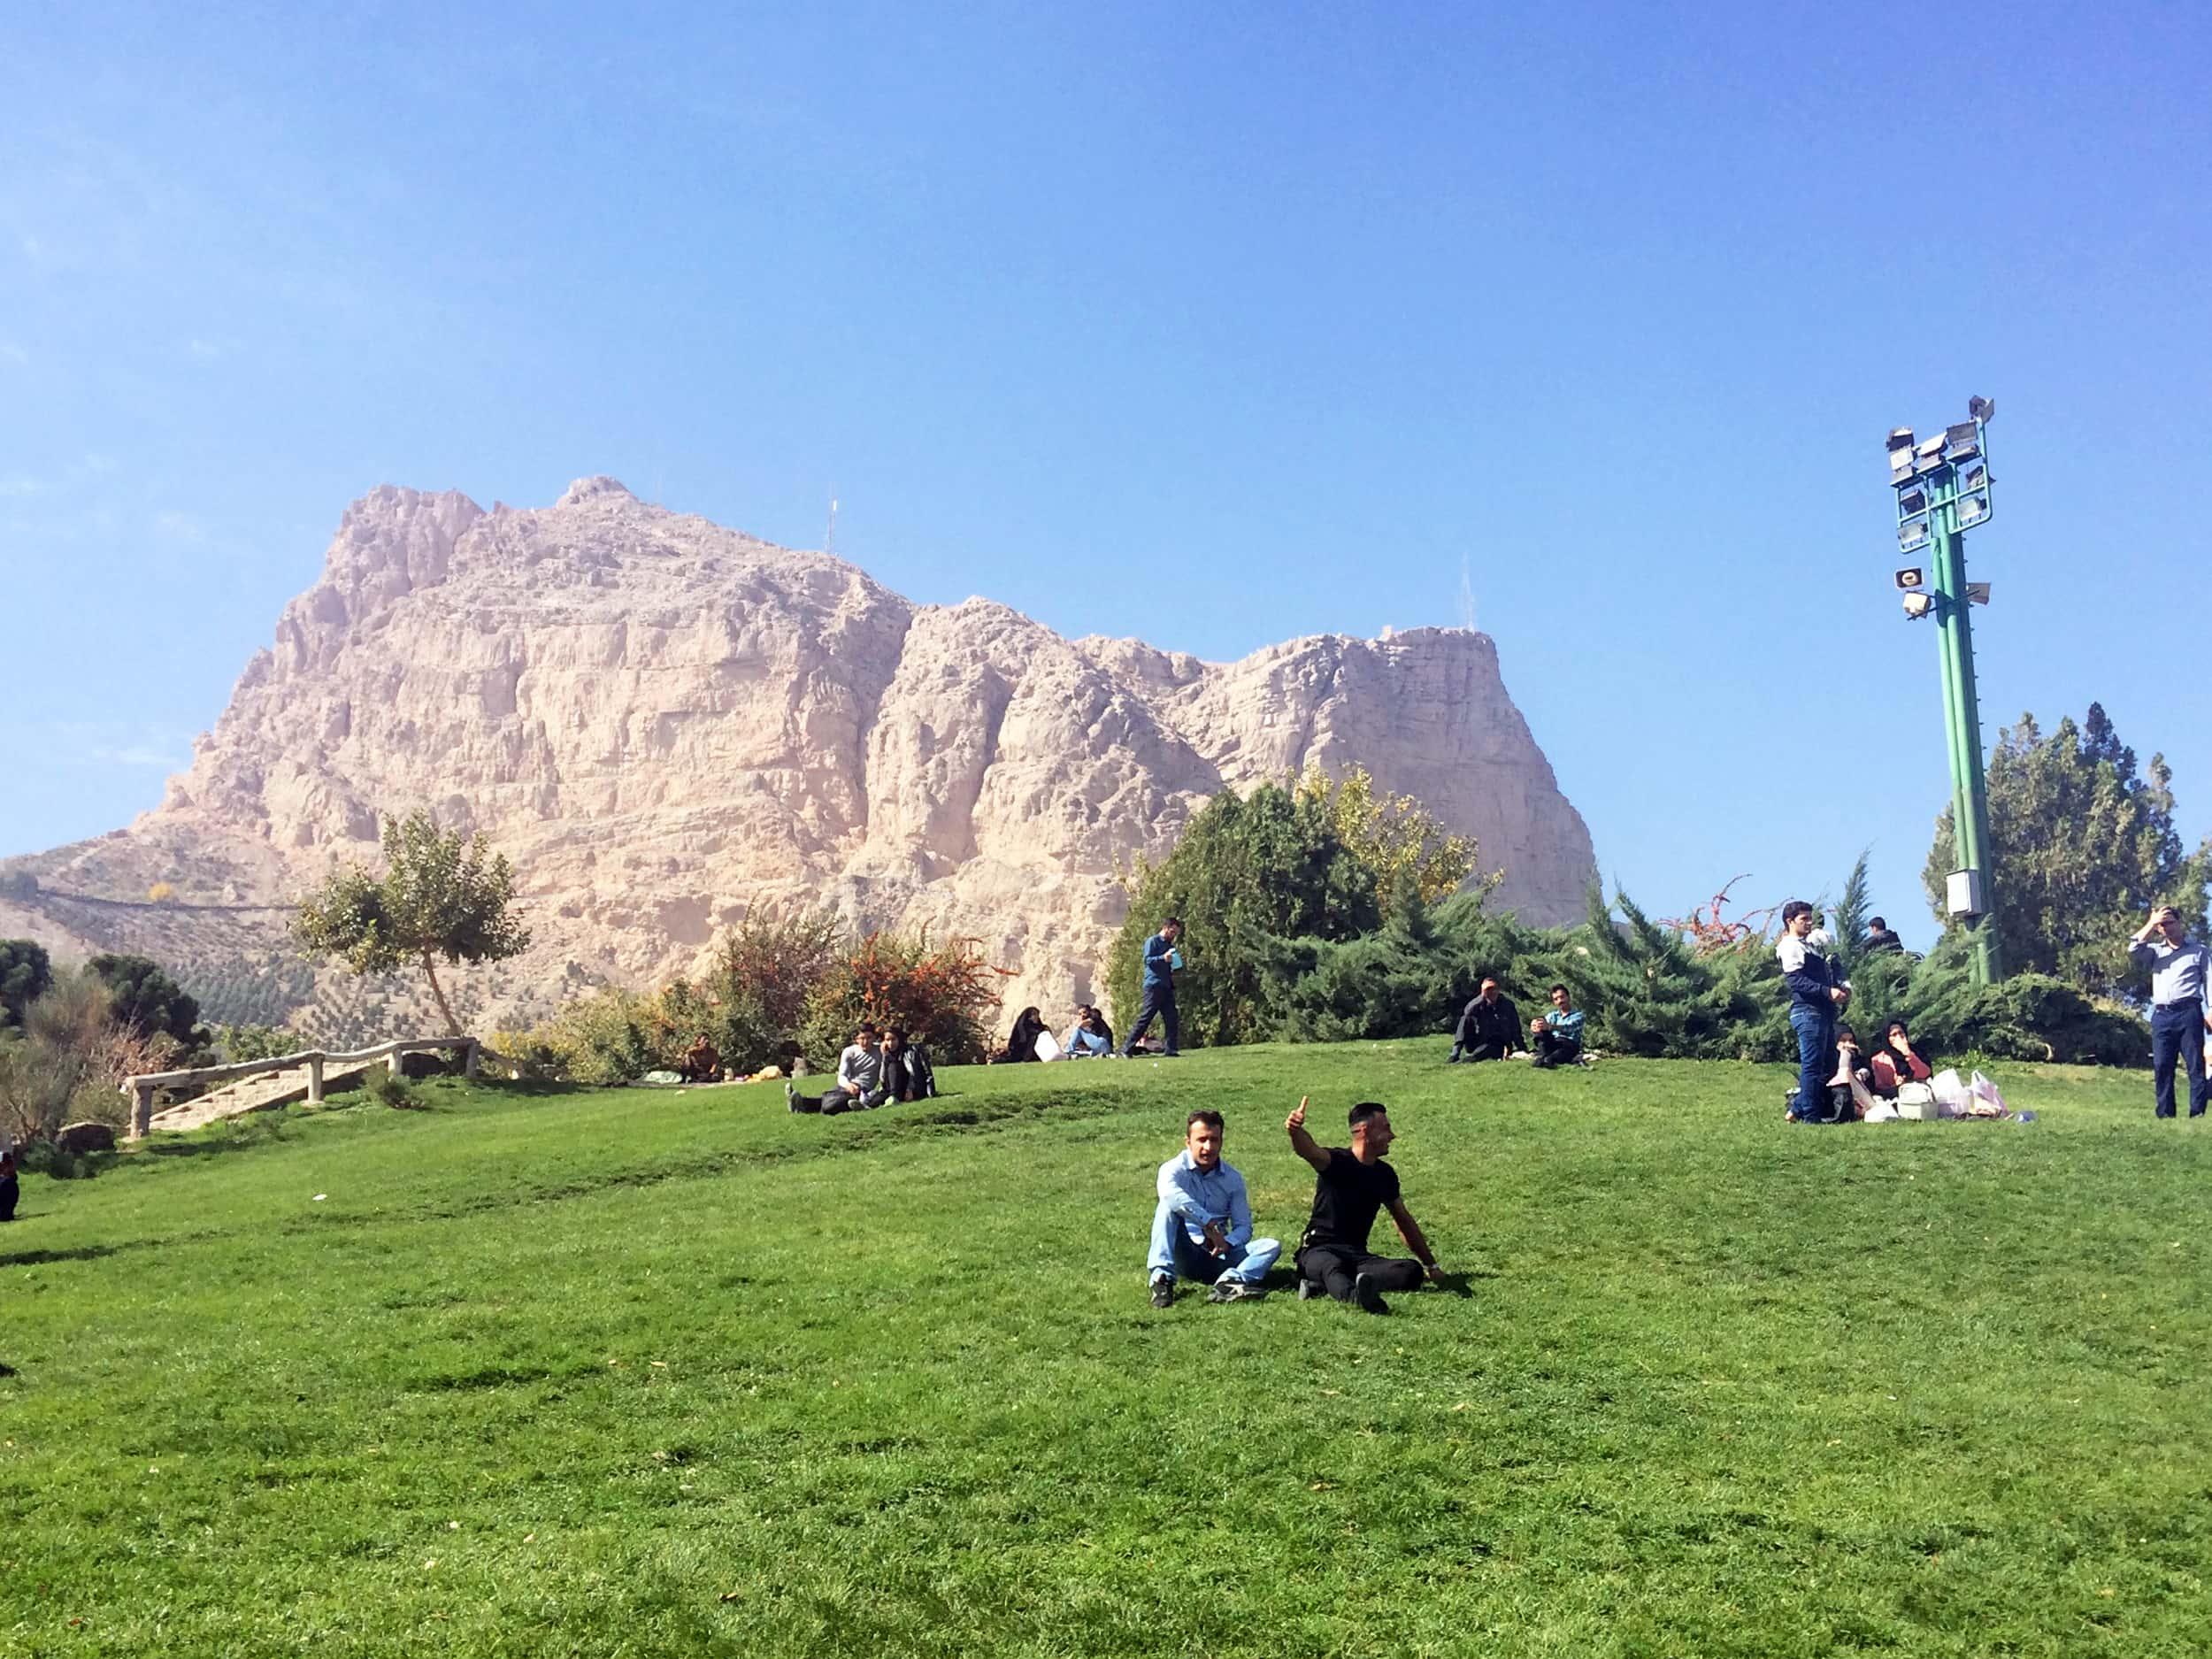 Ісфахан. Люди в парку на килимах